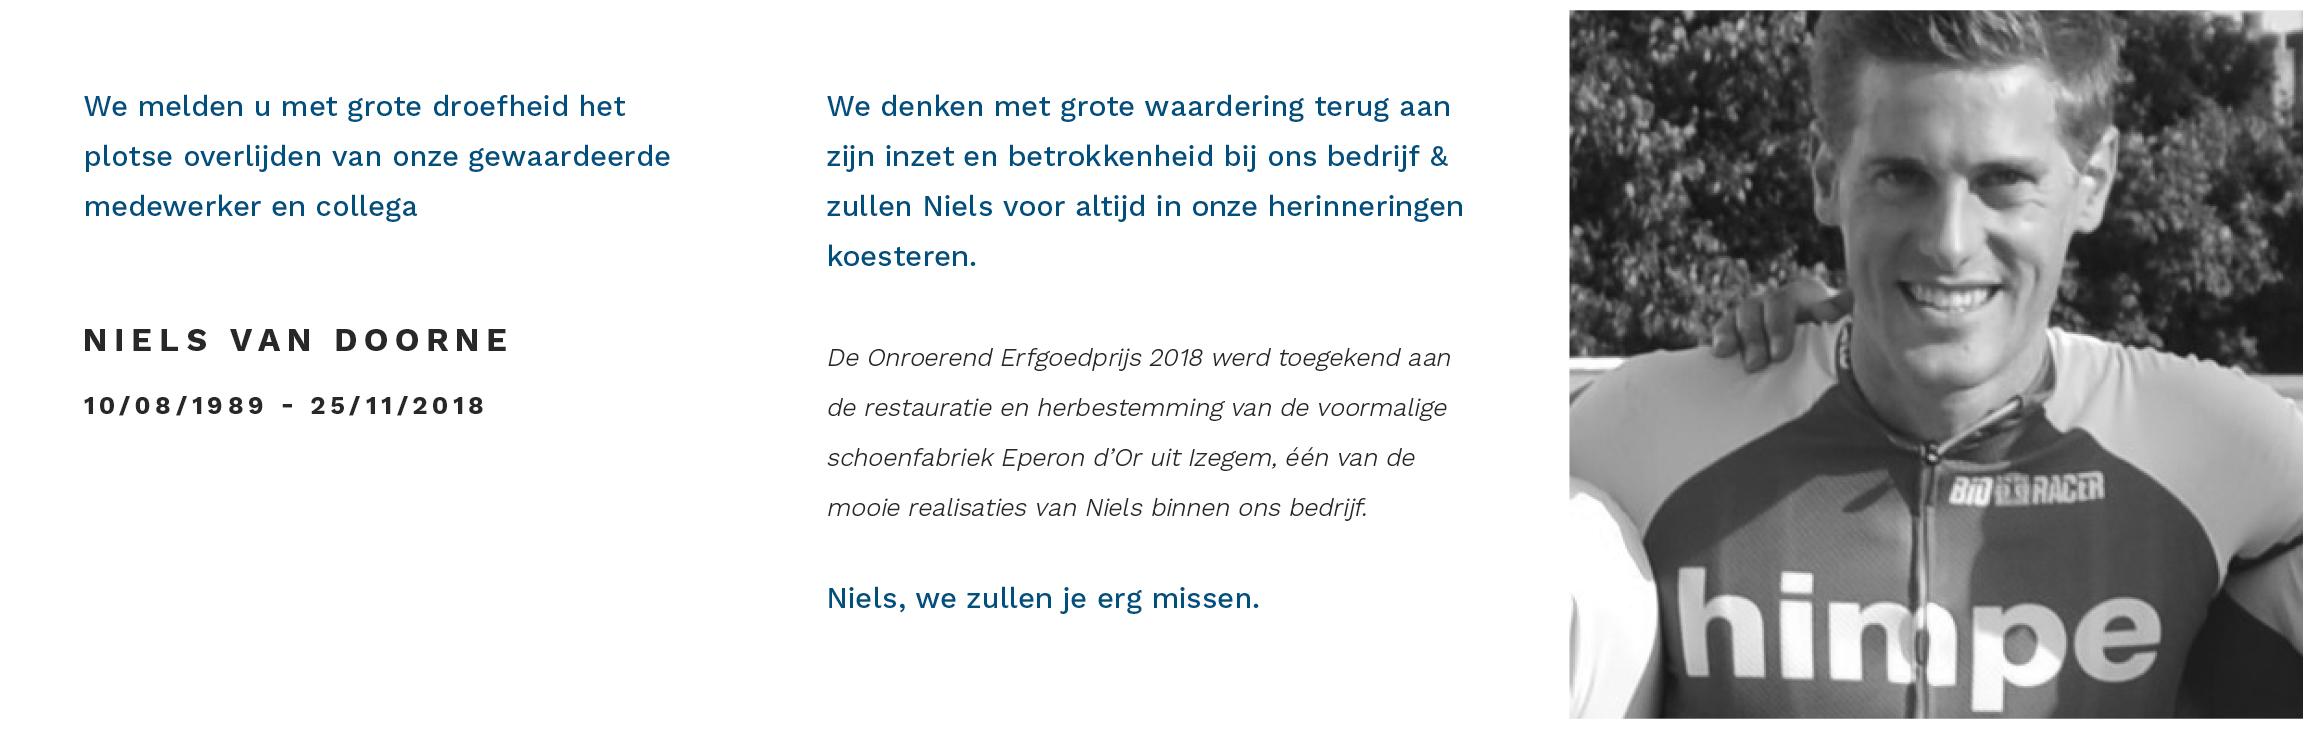 Himpe Niels Van Doorne